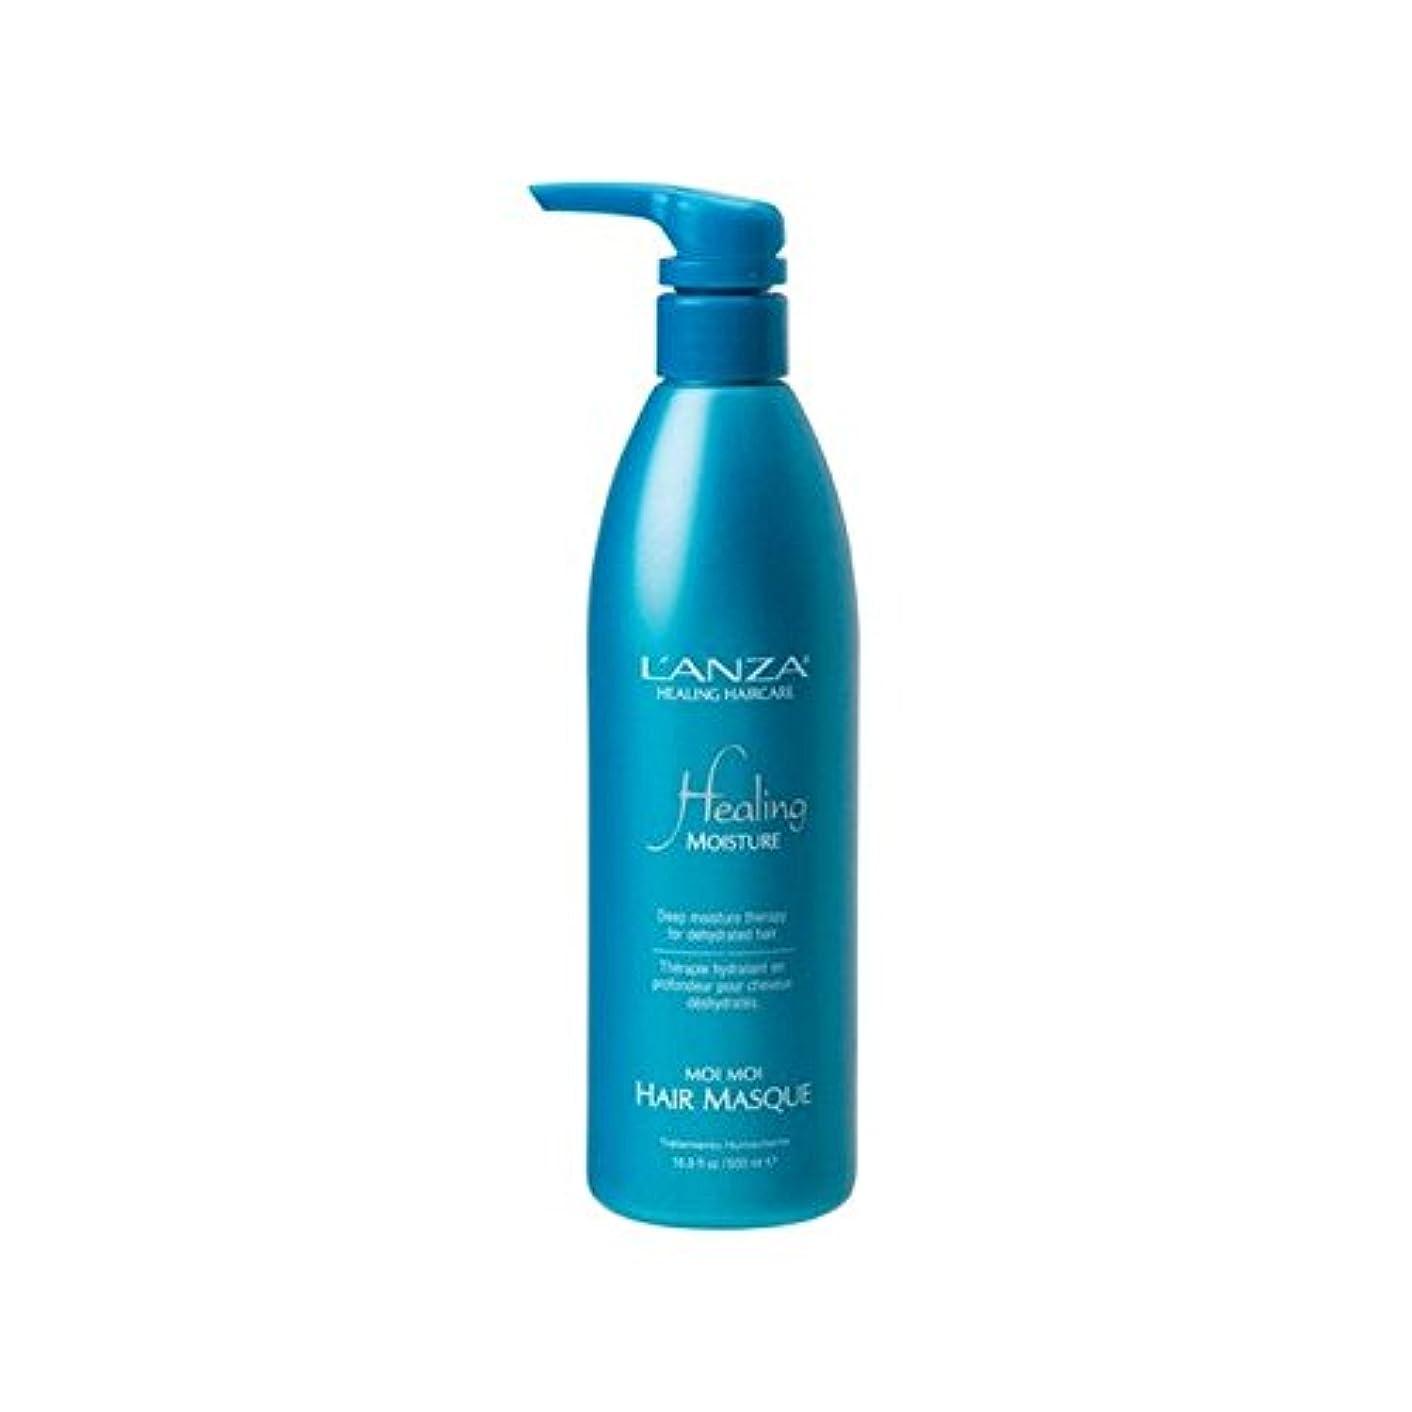 どこでもシェルター紛争アンザ癒しの水分モイモイヘア仮面劇(500ミリリットル) x2 - L'Anza Healing Moisture Moi Moi Hair Masque (500ml) (Pack of 2) [並行輸入品]